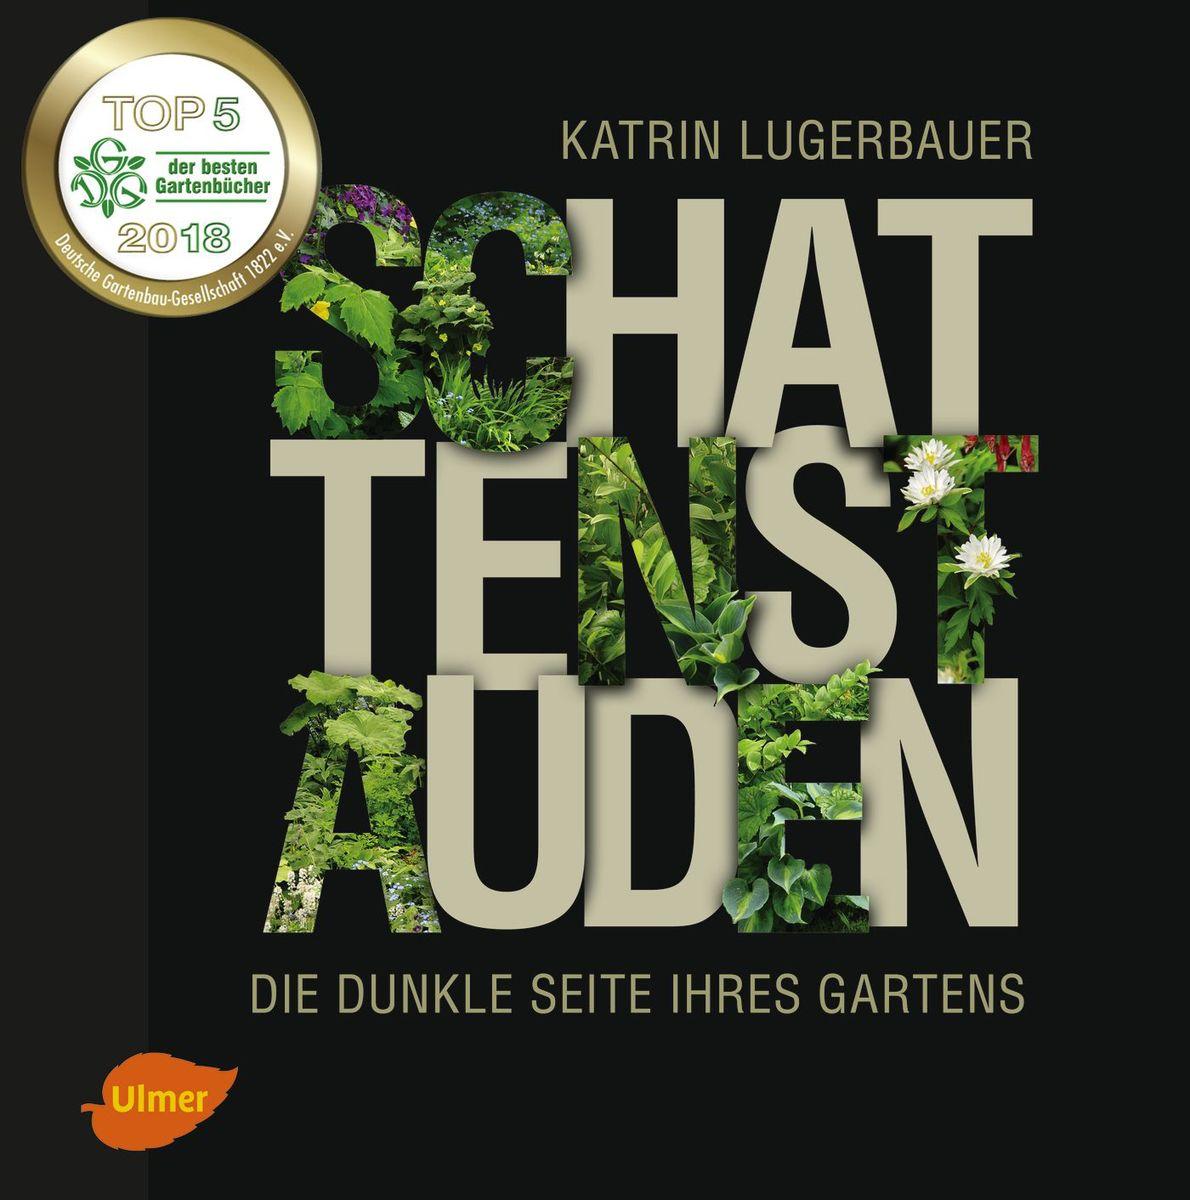 KAtrin Lugerbauers 'Schattenstauden' unter den Top5 der besten Gartenbücher 2018